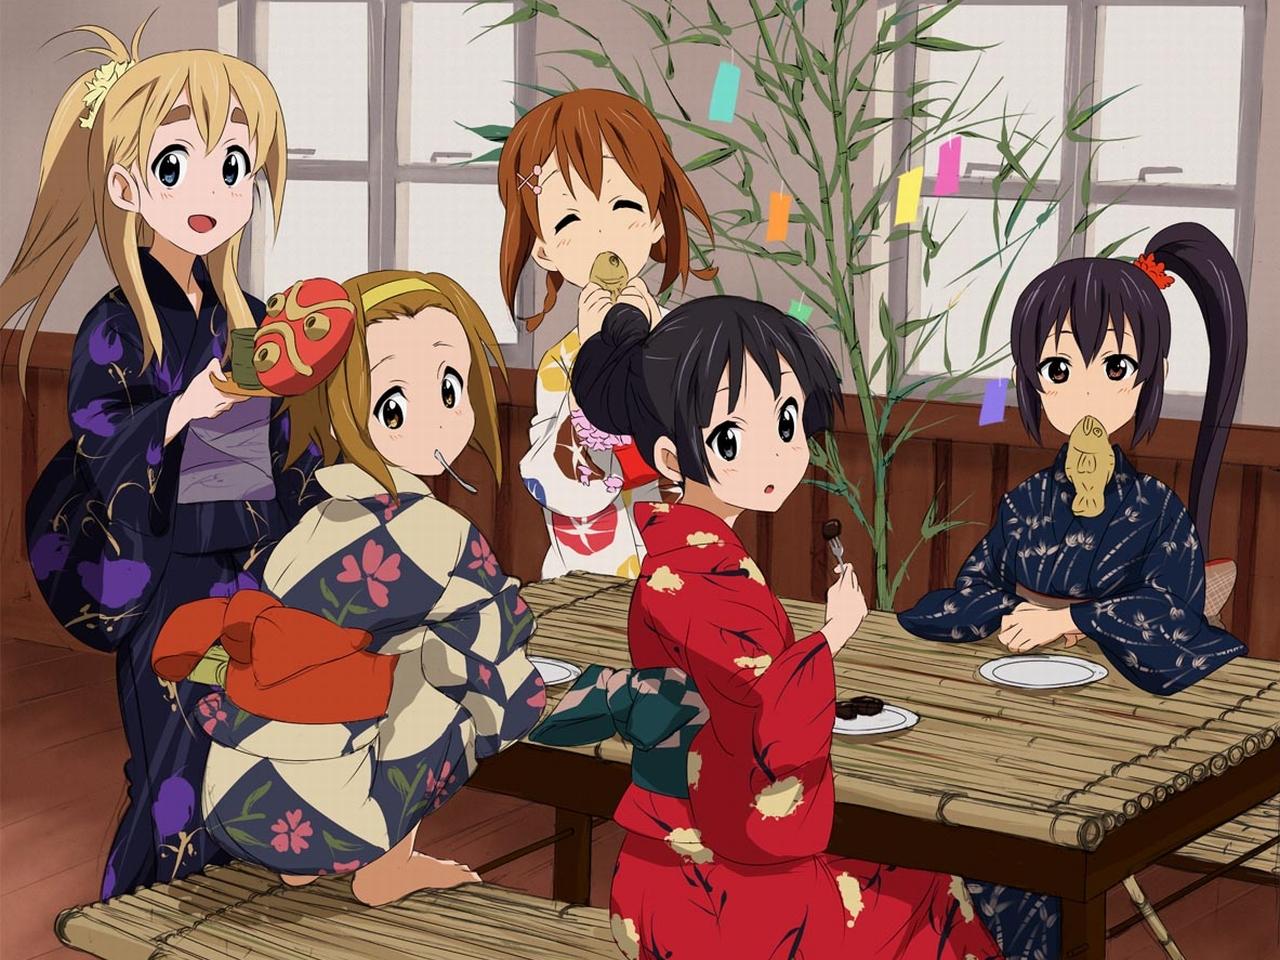 http://2.bp.blogspot.com/-y9EXEuiNZf8/TlKcuwjcfgI/AAAAAAAAARU/TW-dKq6dZss/s1600/konachan-com-51573-akiyama_mio-hirasawa_yui-japanese_clothes-k-on-kotobuki_tsumugi-nakano_azusa-tainaka_ritsu.jpg